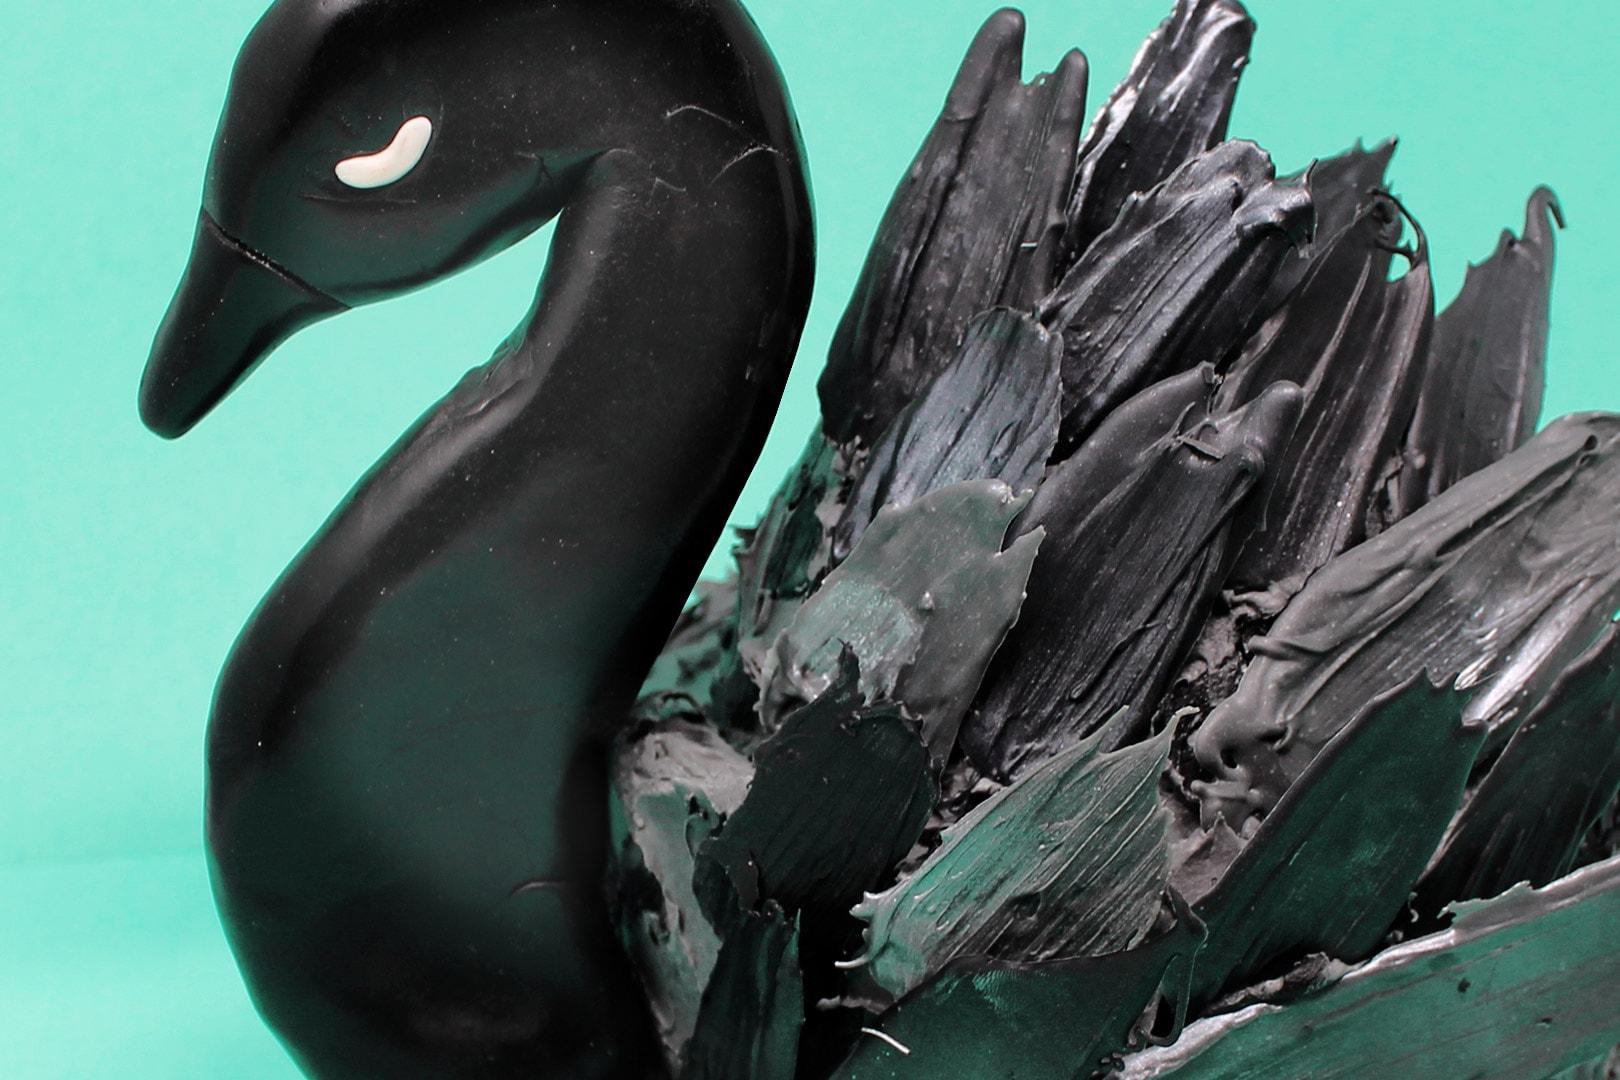 torta-cigno-nero-super-colors-paintbrush-cake-black-swan-1-min